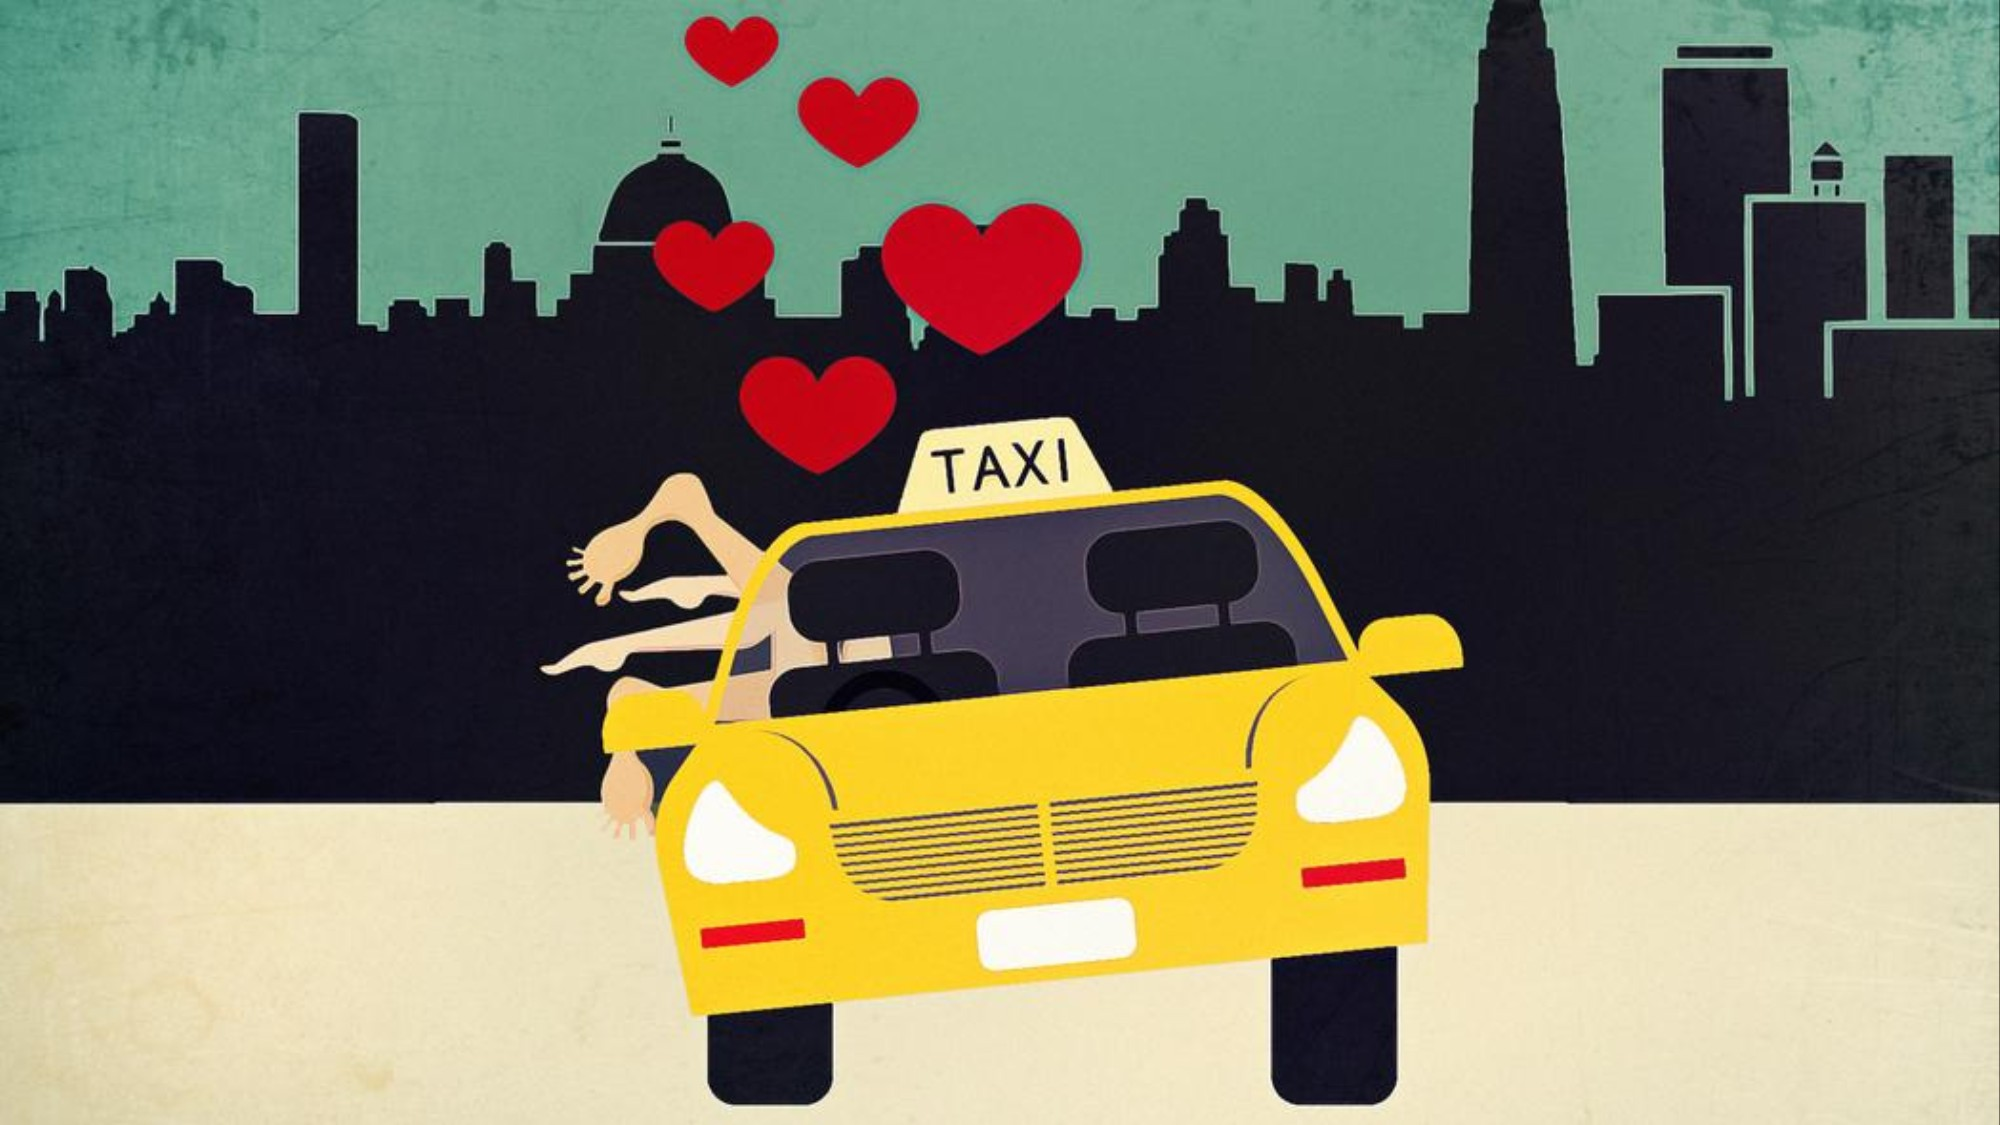 Najgore stvari koje ste ikad uradili u taksiju - VICE